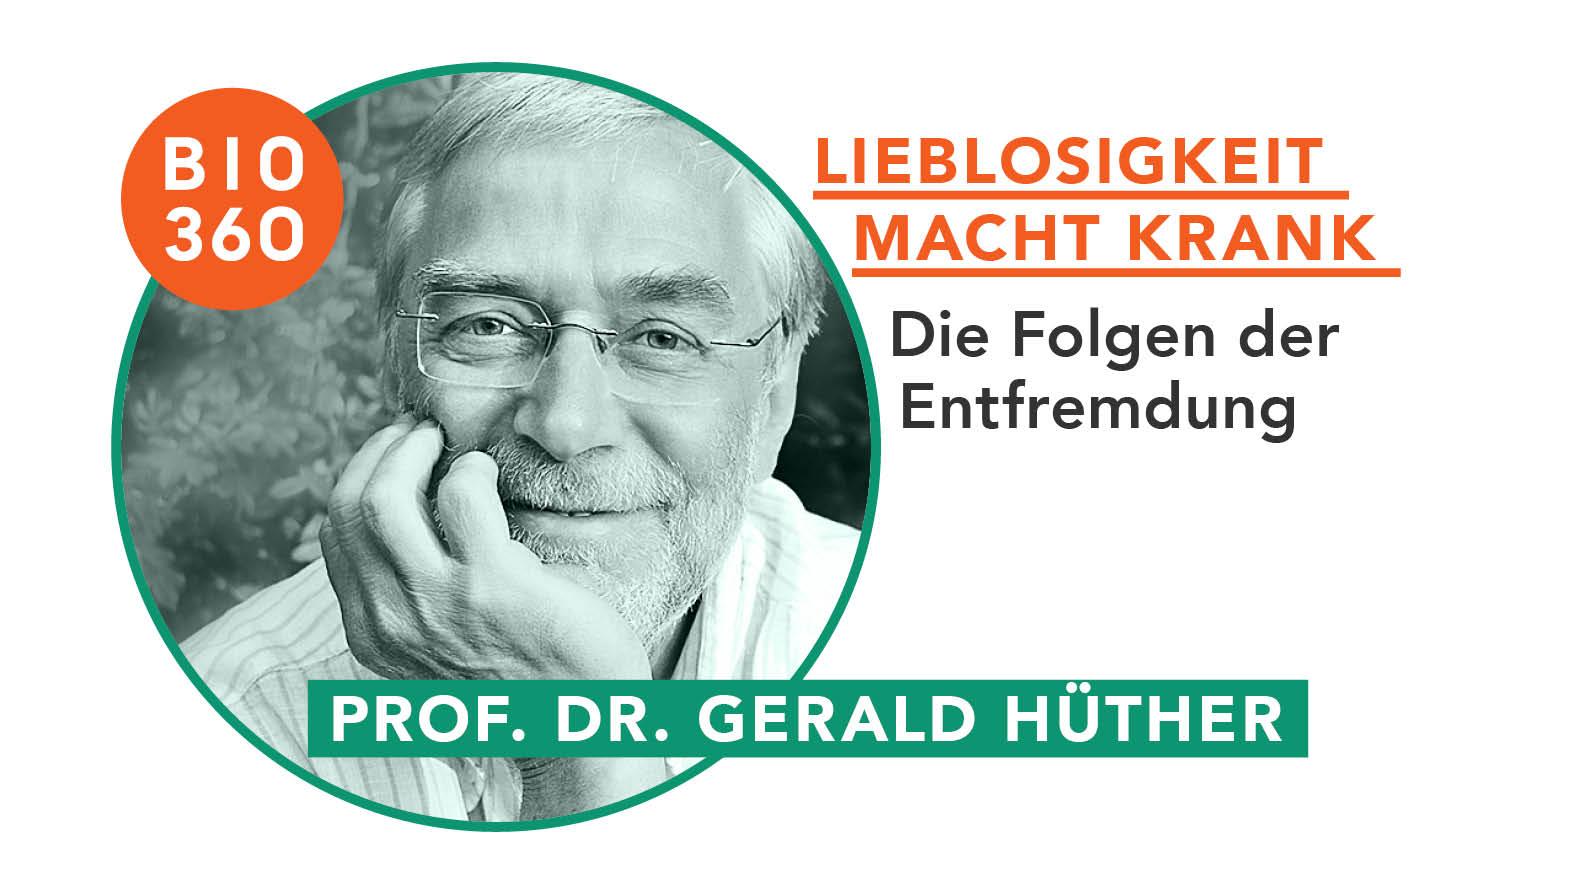 Lieblosigkeit macht krank : Prof. Dr. Gerald Hüther